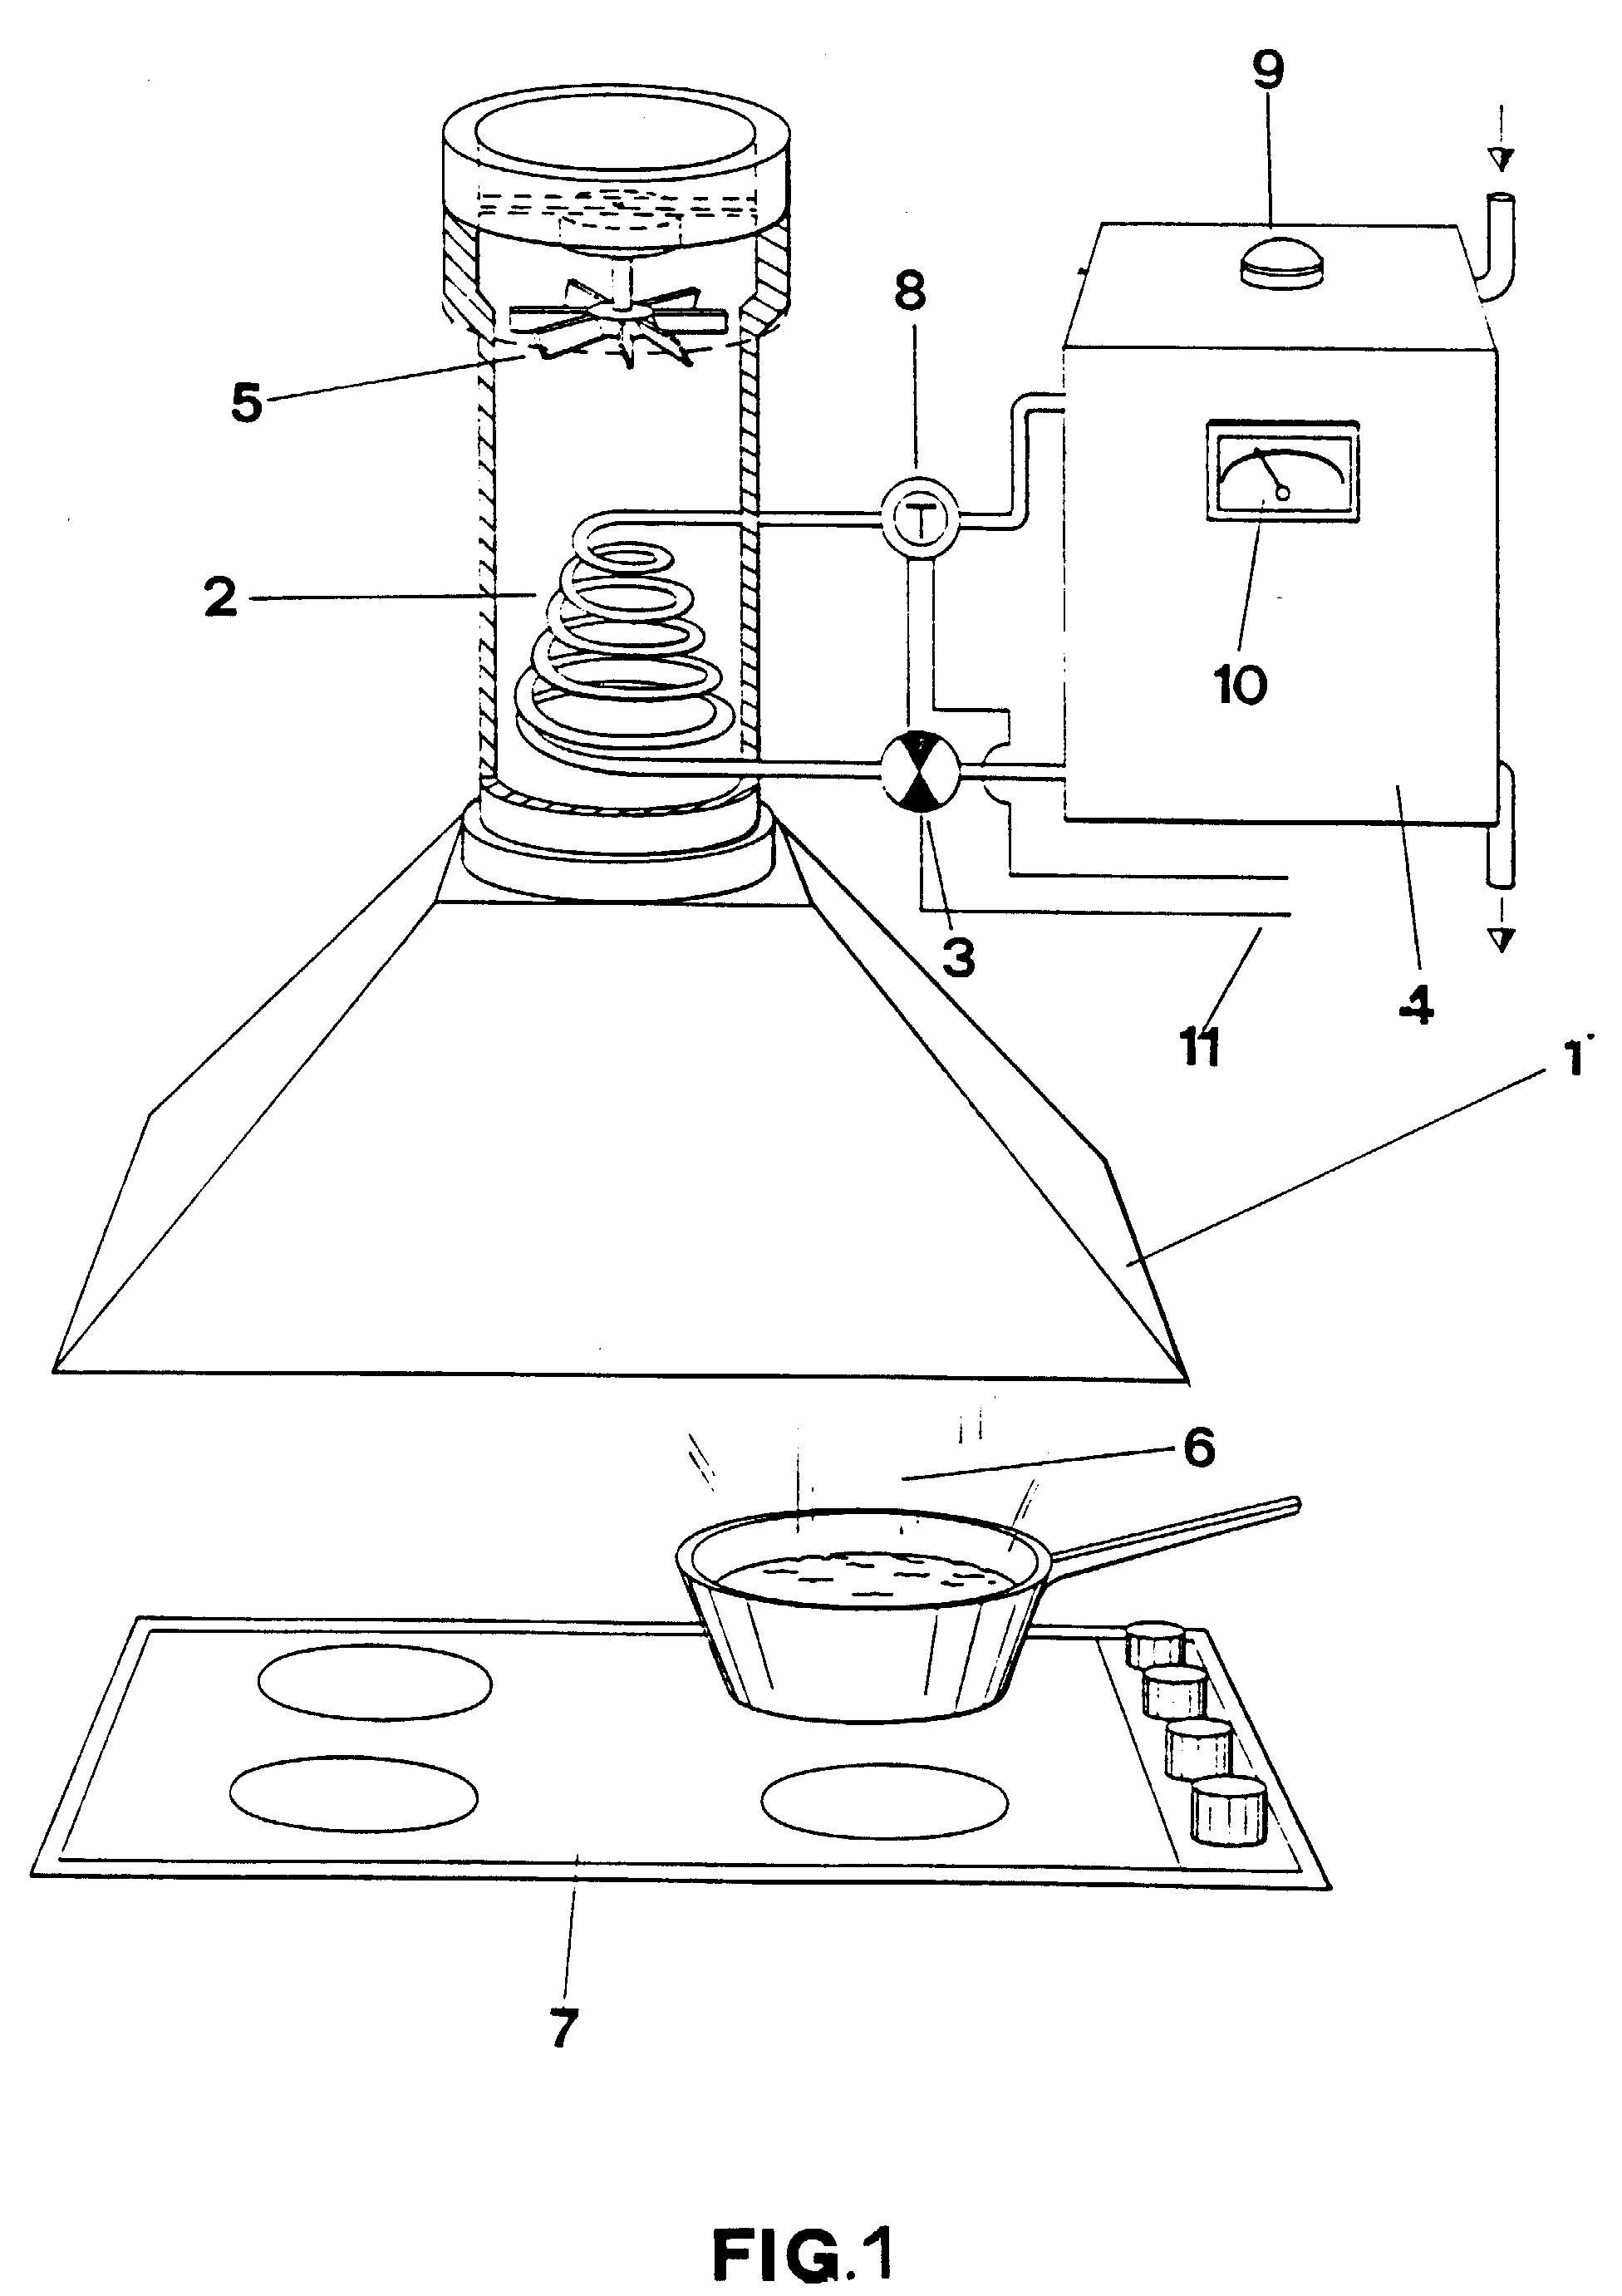 patent ep0945685a2 hotte d 39 aspiration pour la cuisine avec r cup ration de l 39 nergie thermique. Black Bedroom Furniture Sets. Home Design Ideas